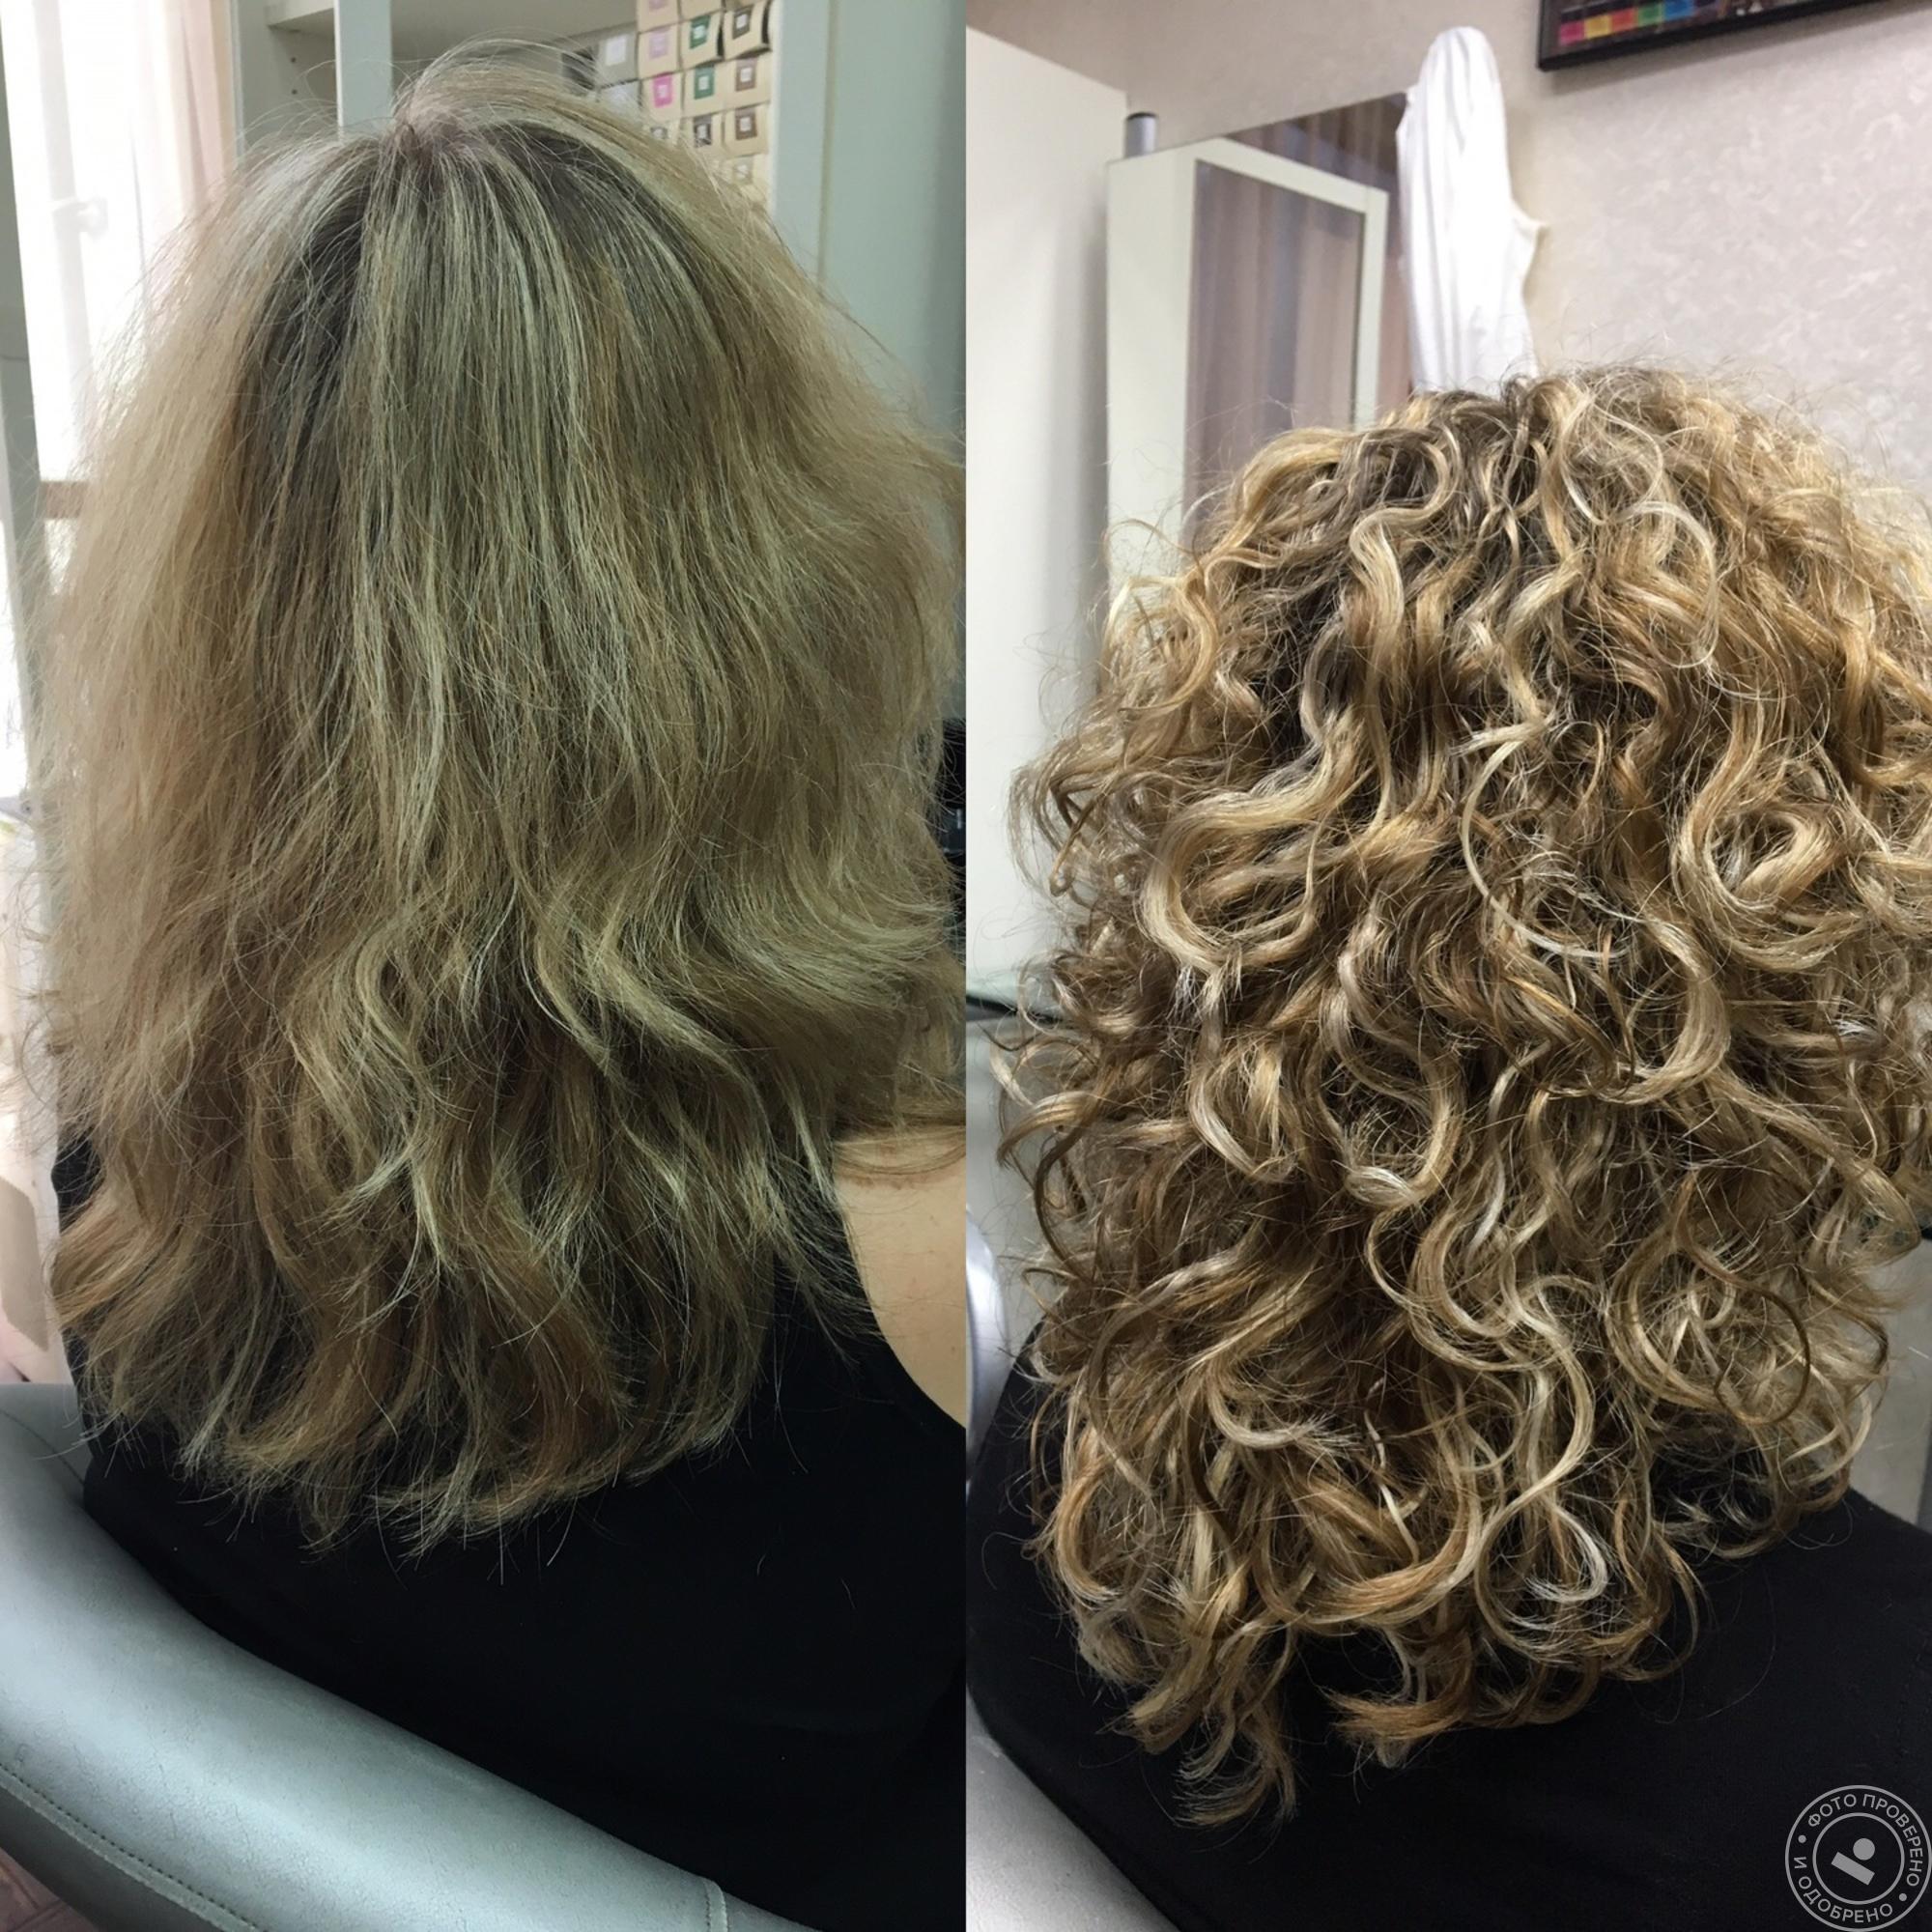 Биозавивка волос: особенности, достоинства и недостатки | интернет-cолянка